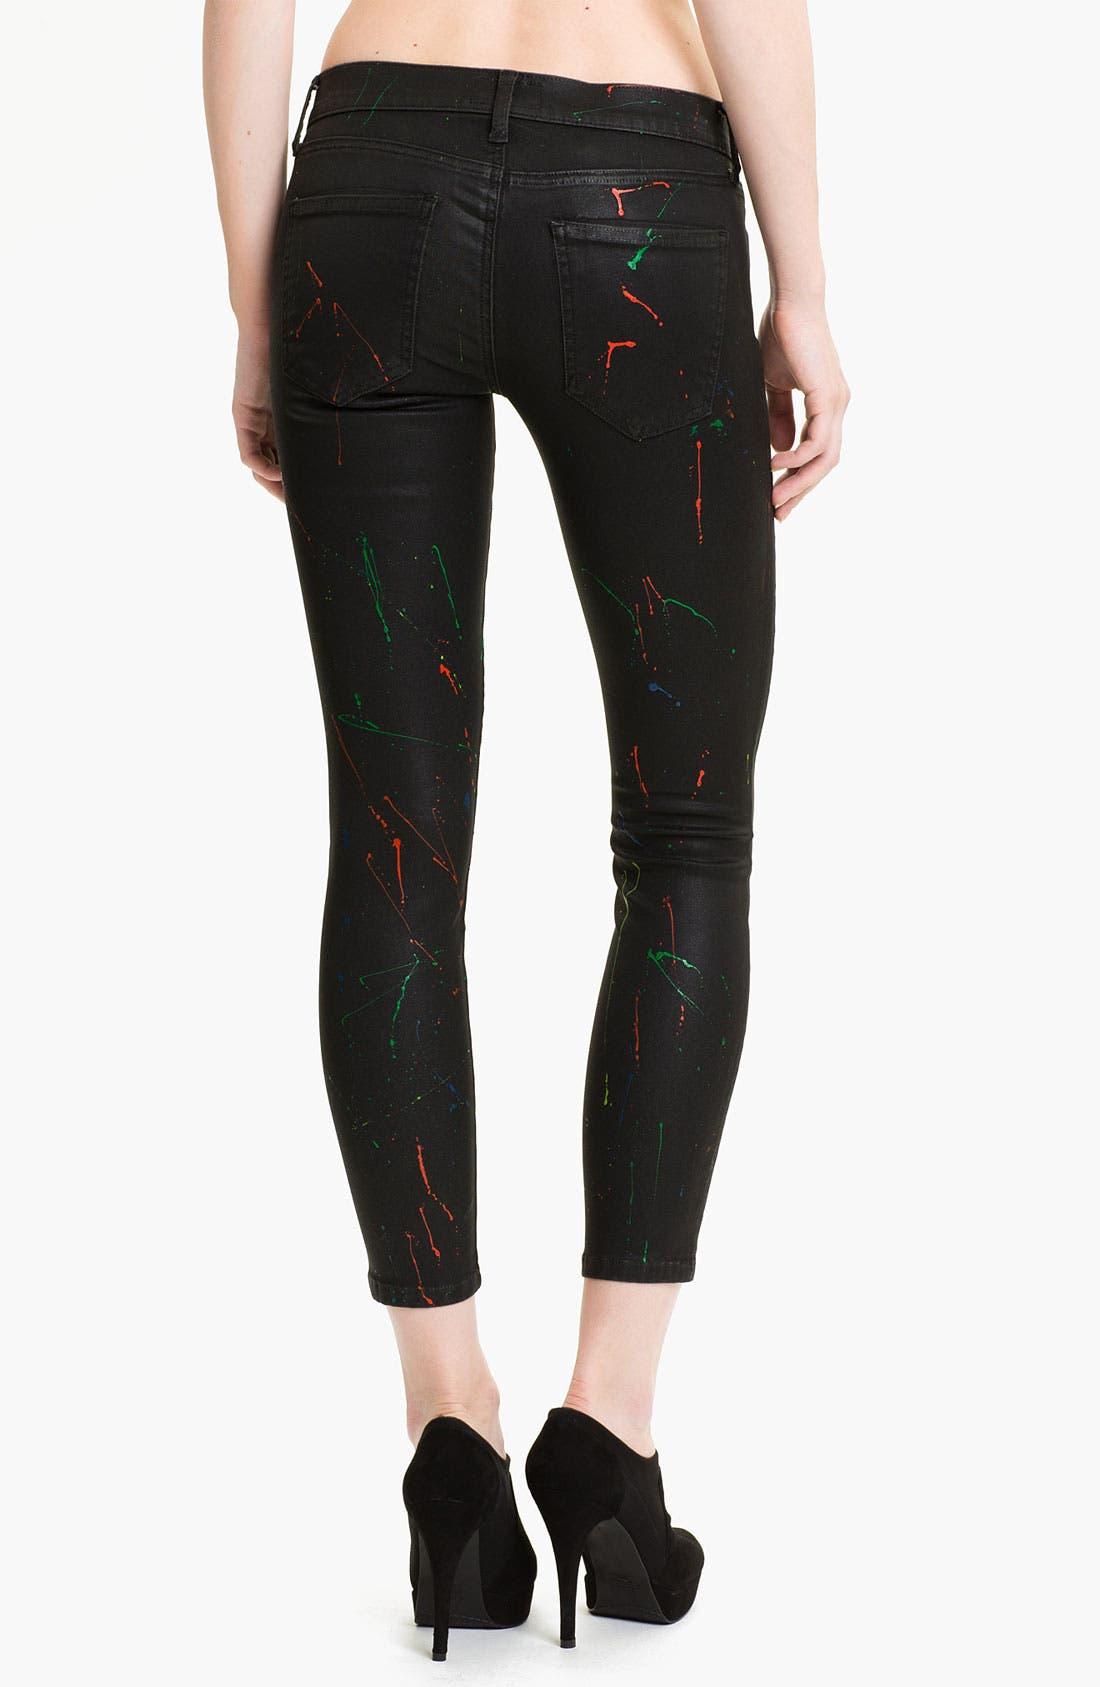 Alternate Image 2  - Current/Elliott 'The Stiletto' Print Skinny Jeans (Neon Splatter)